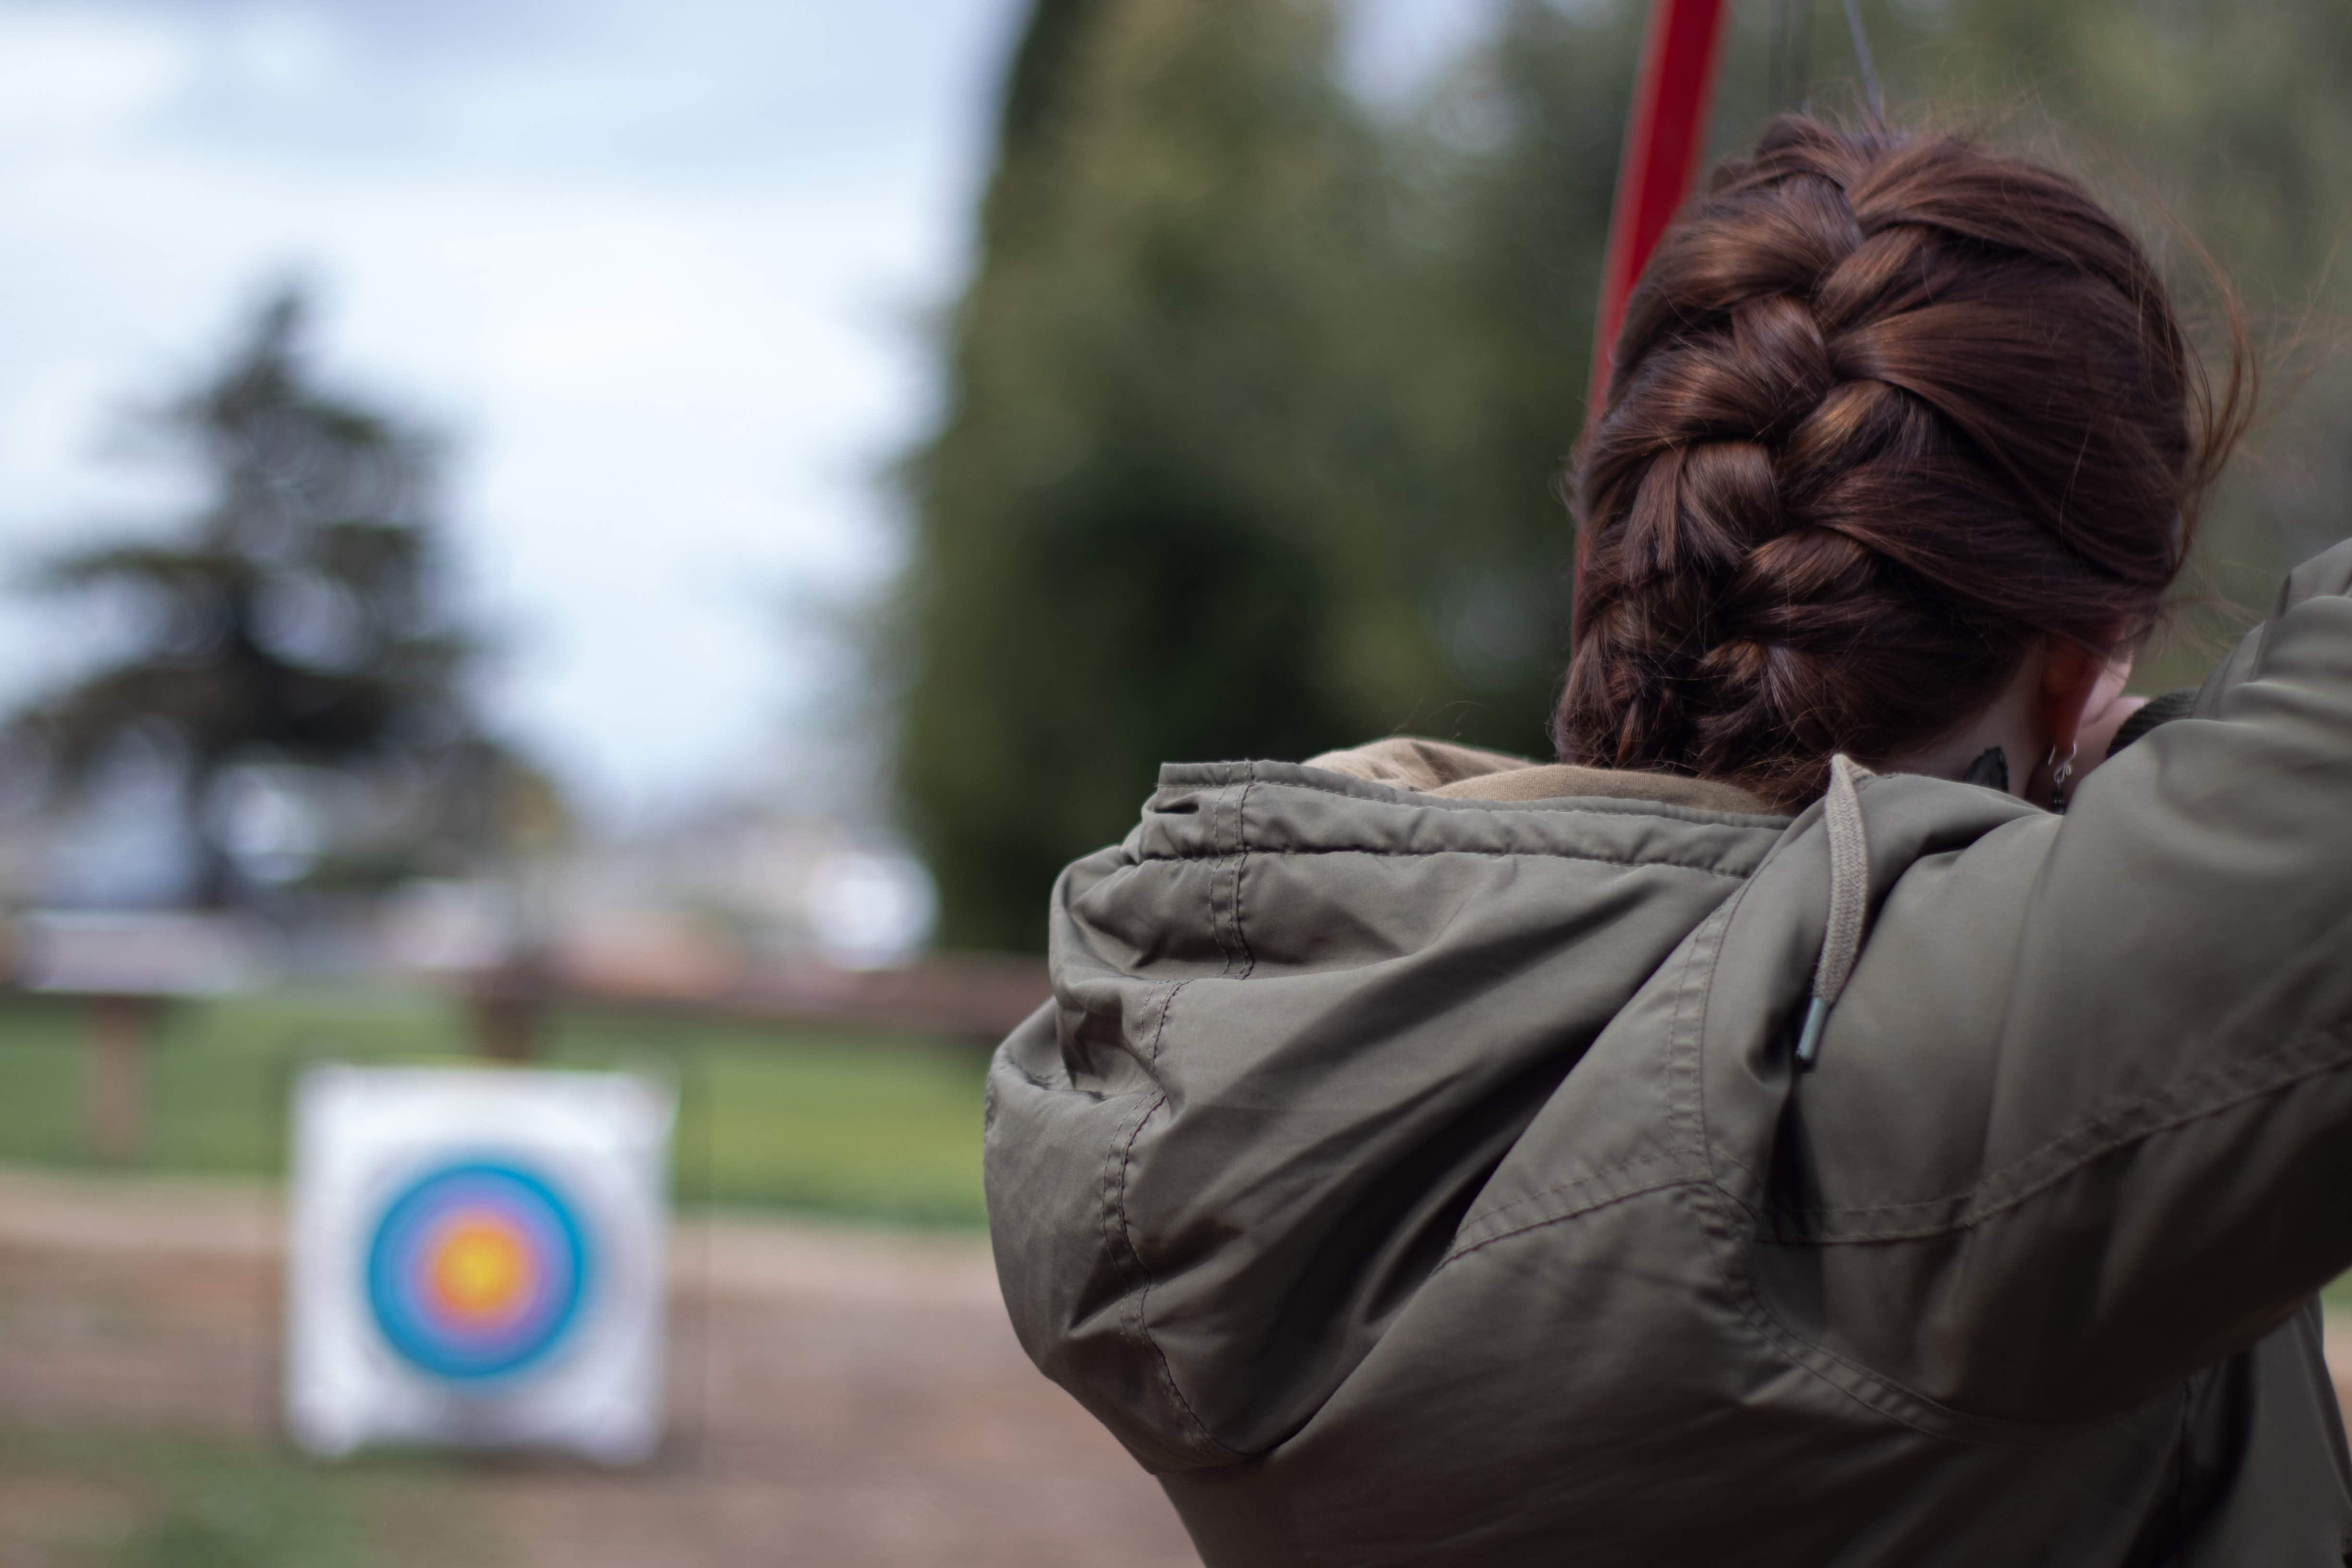 An archer lining up a shot